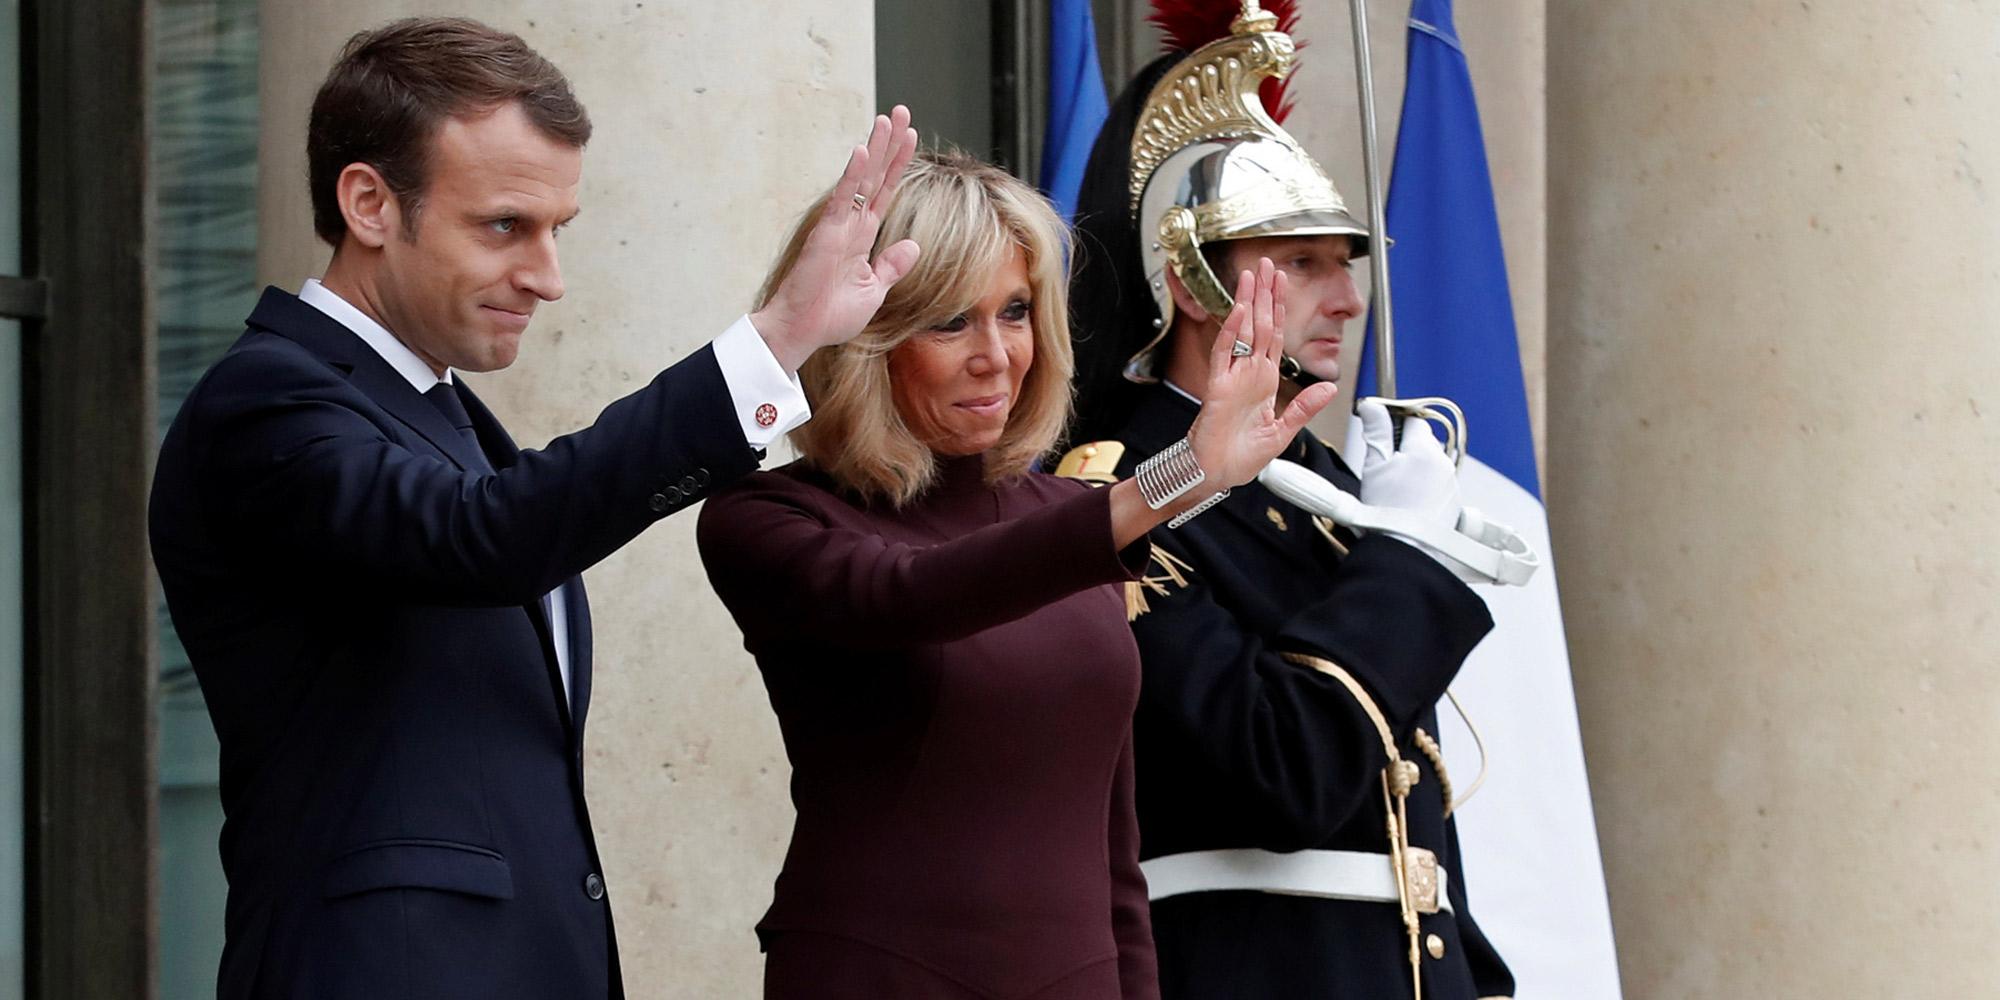 Macron Justifie Avoir Fete Son Anniversaire A Chambord Critiquant